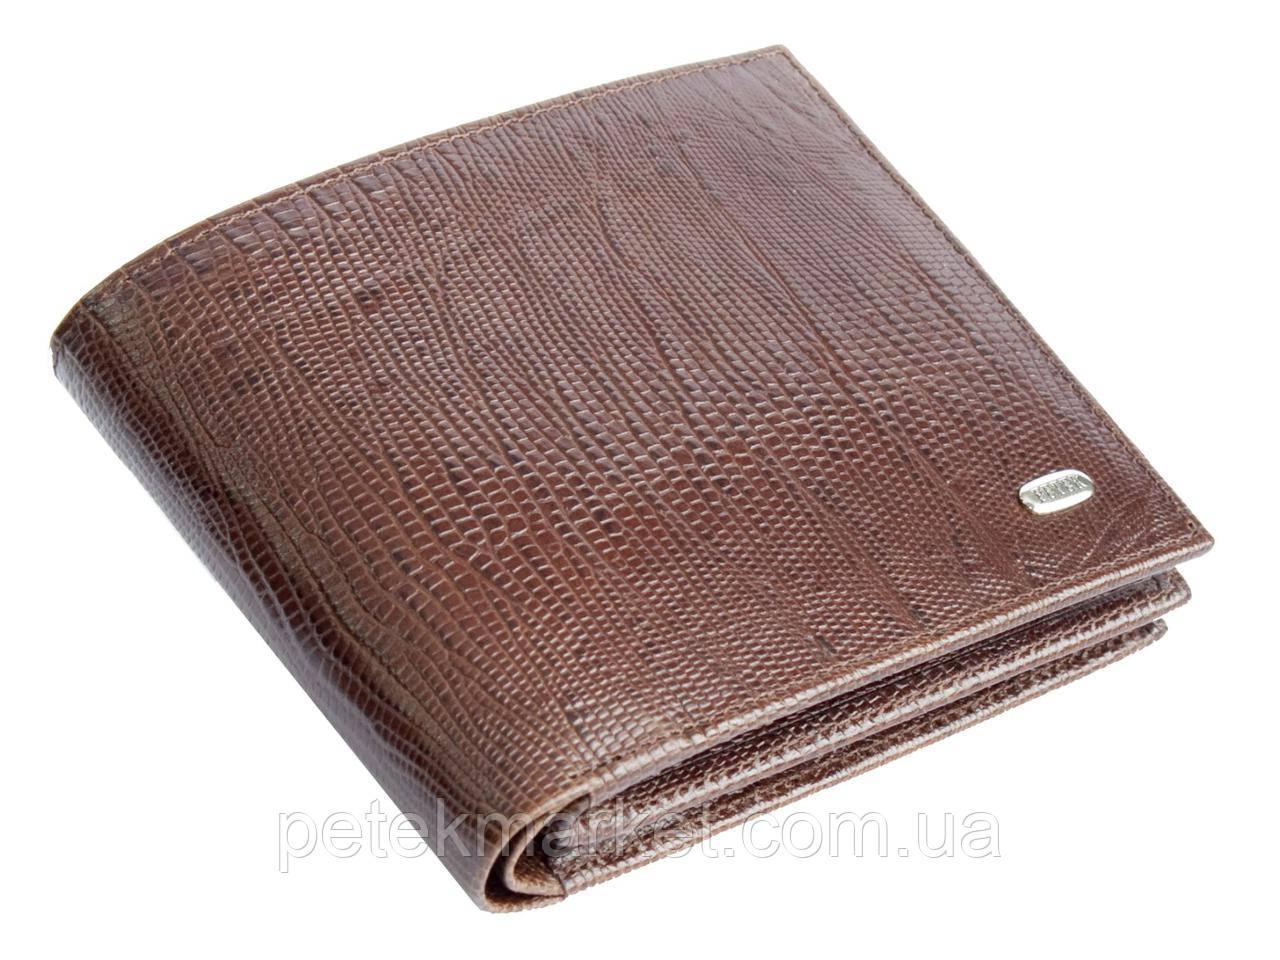 Кожаное мужское портмоне Petek 226